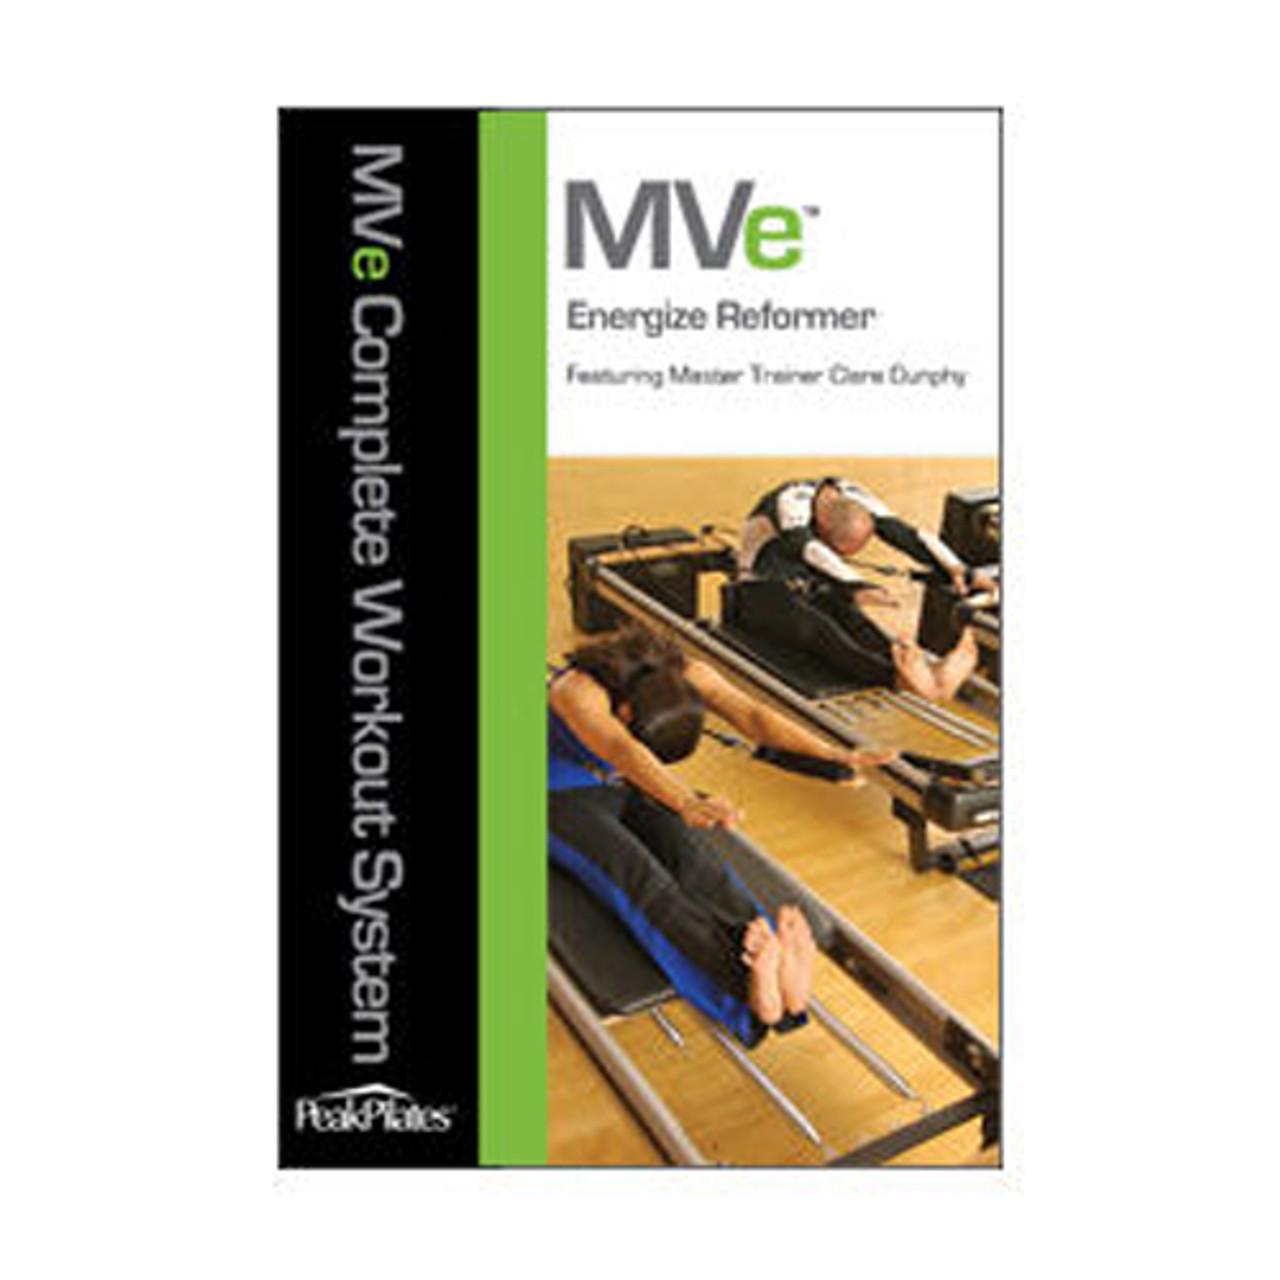 MVe® Energize Reformer Workout DVD